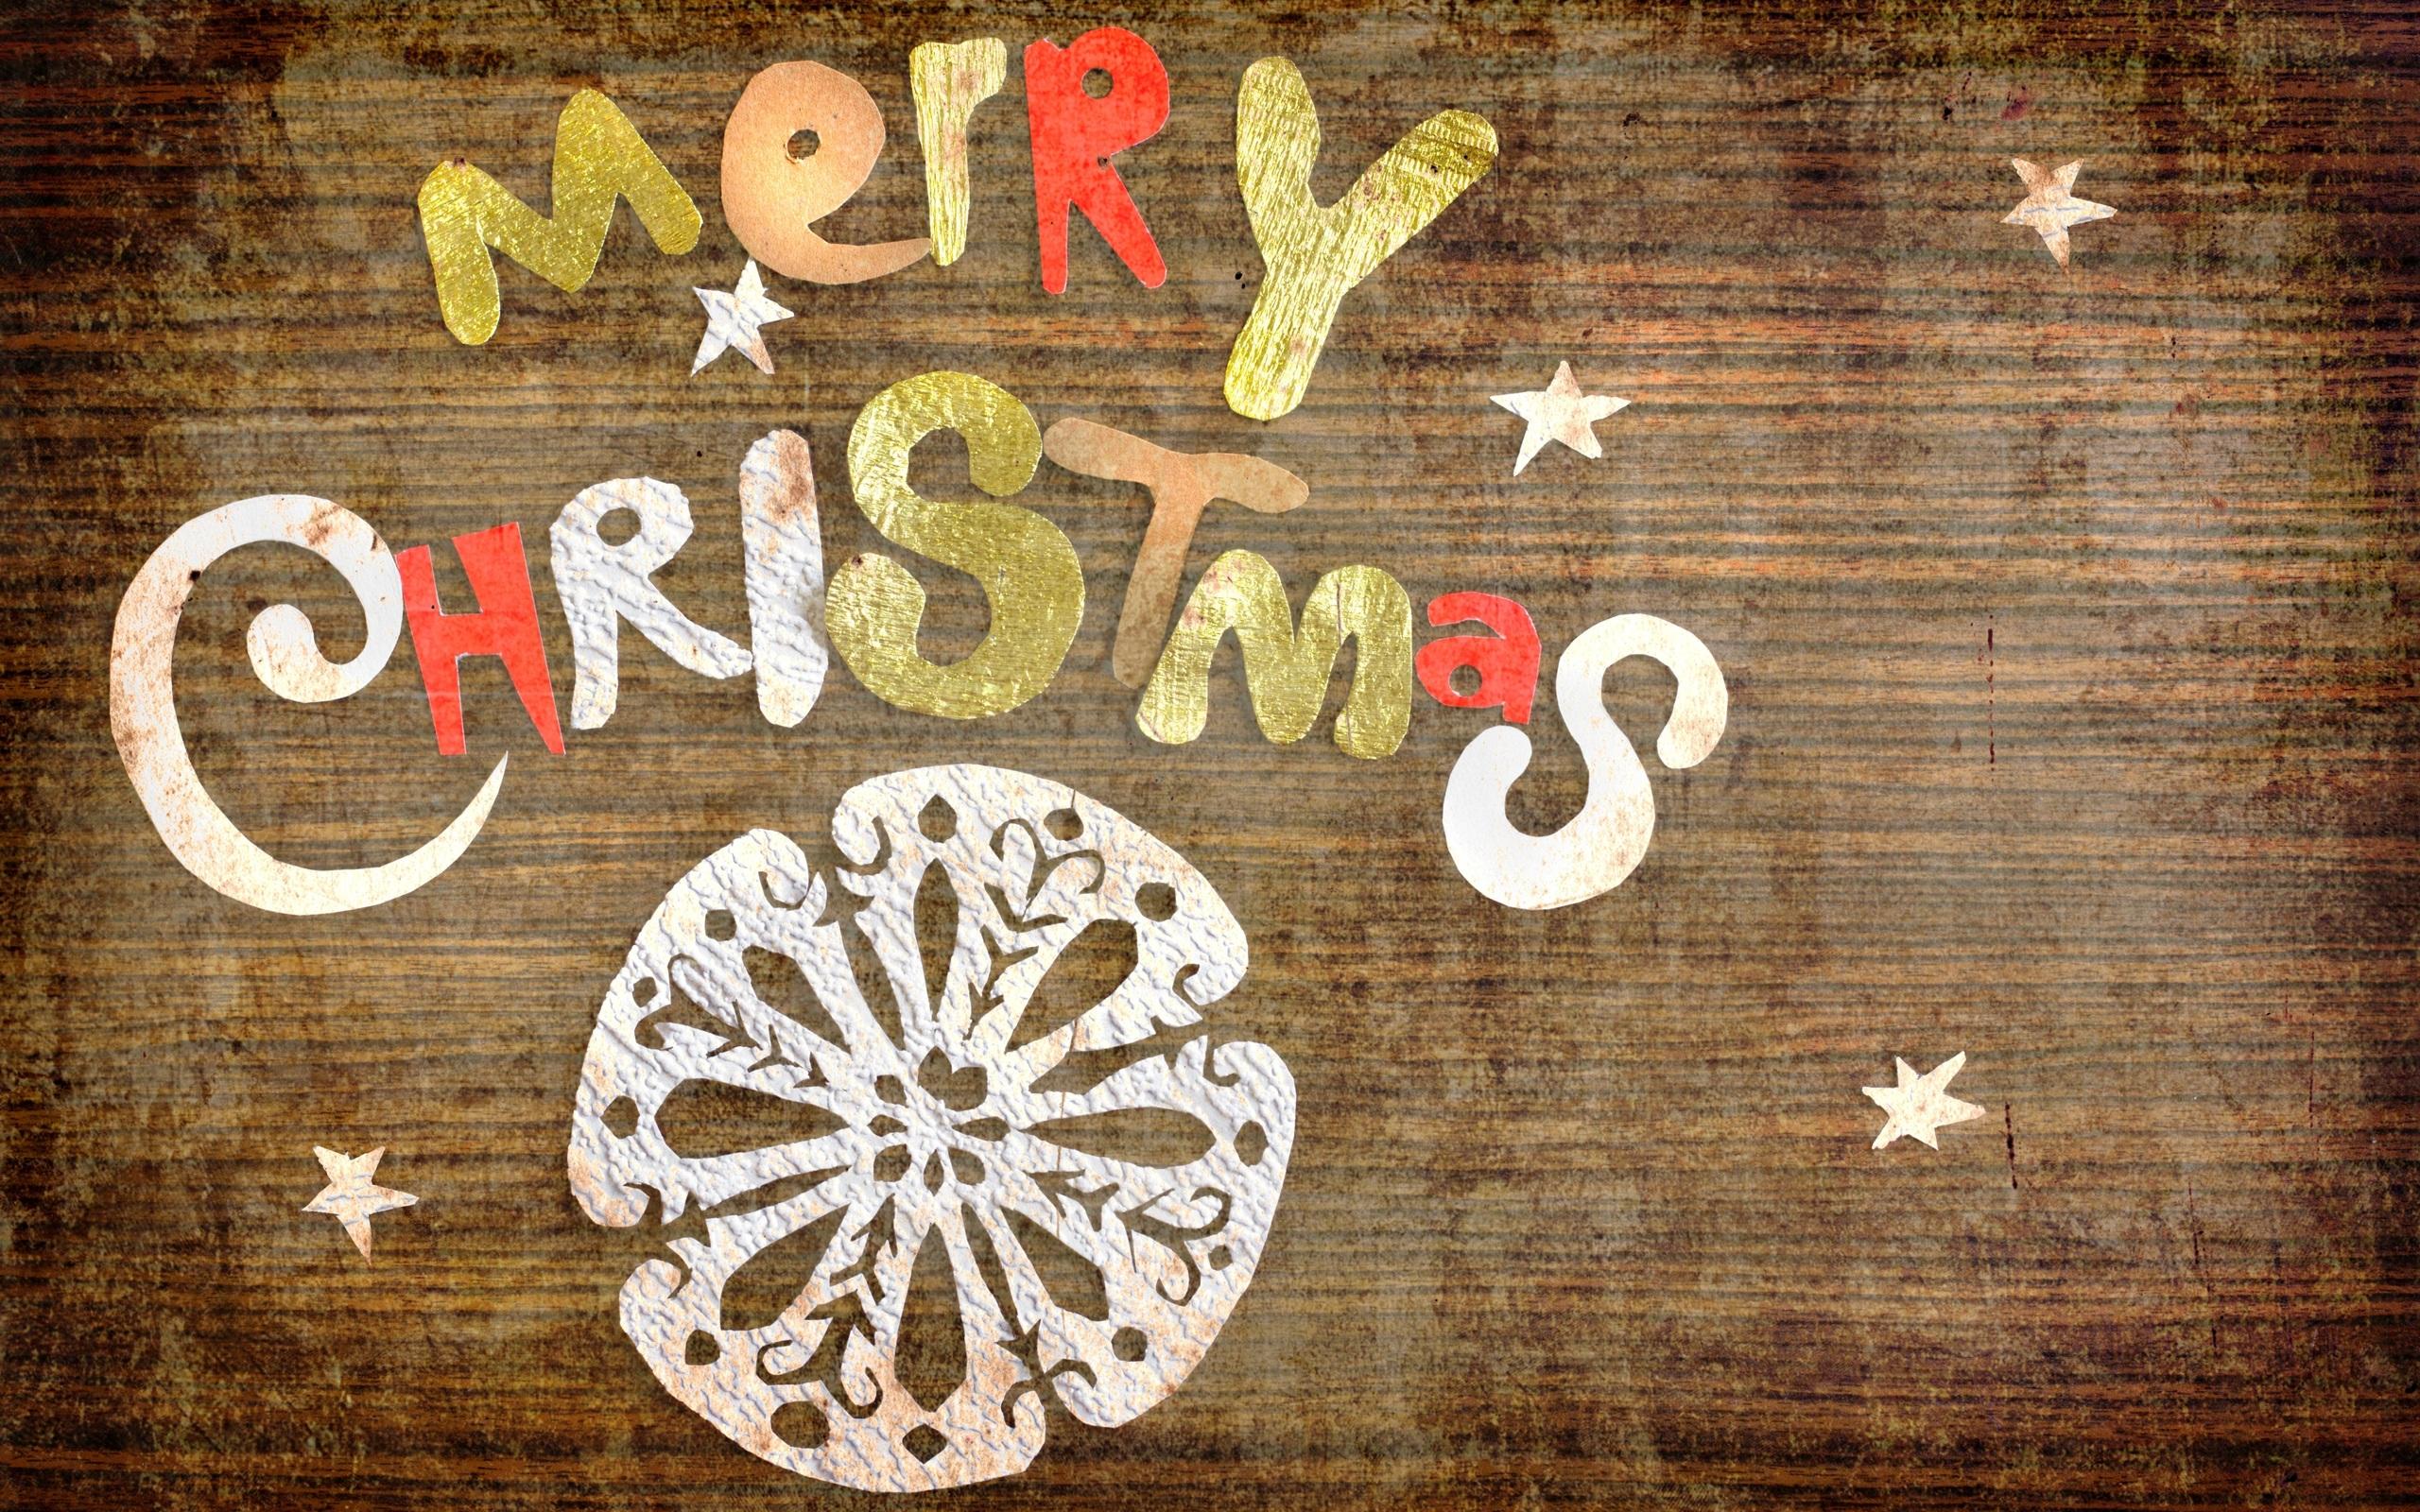 Ελληνικά Χριστουγεννιάτικα έθιμα